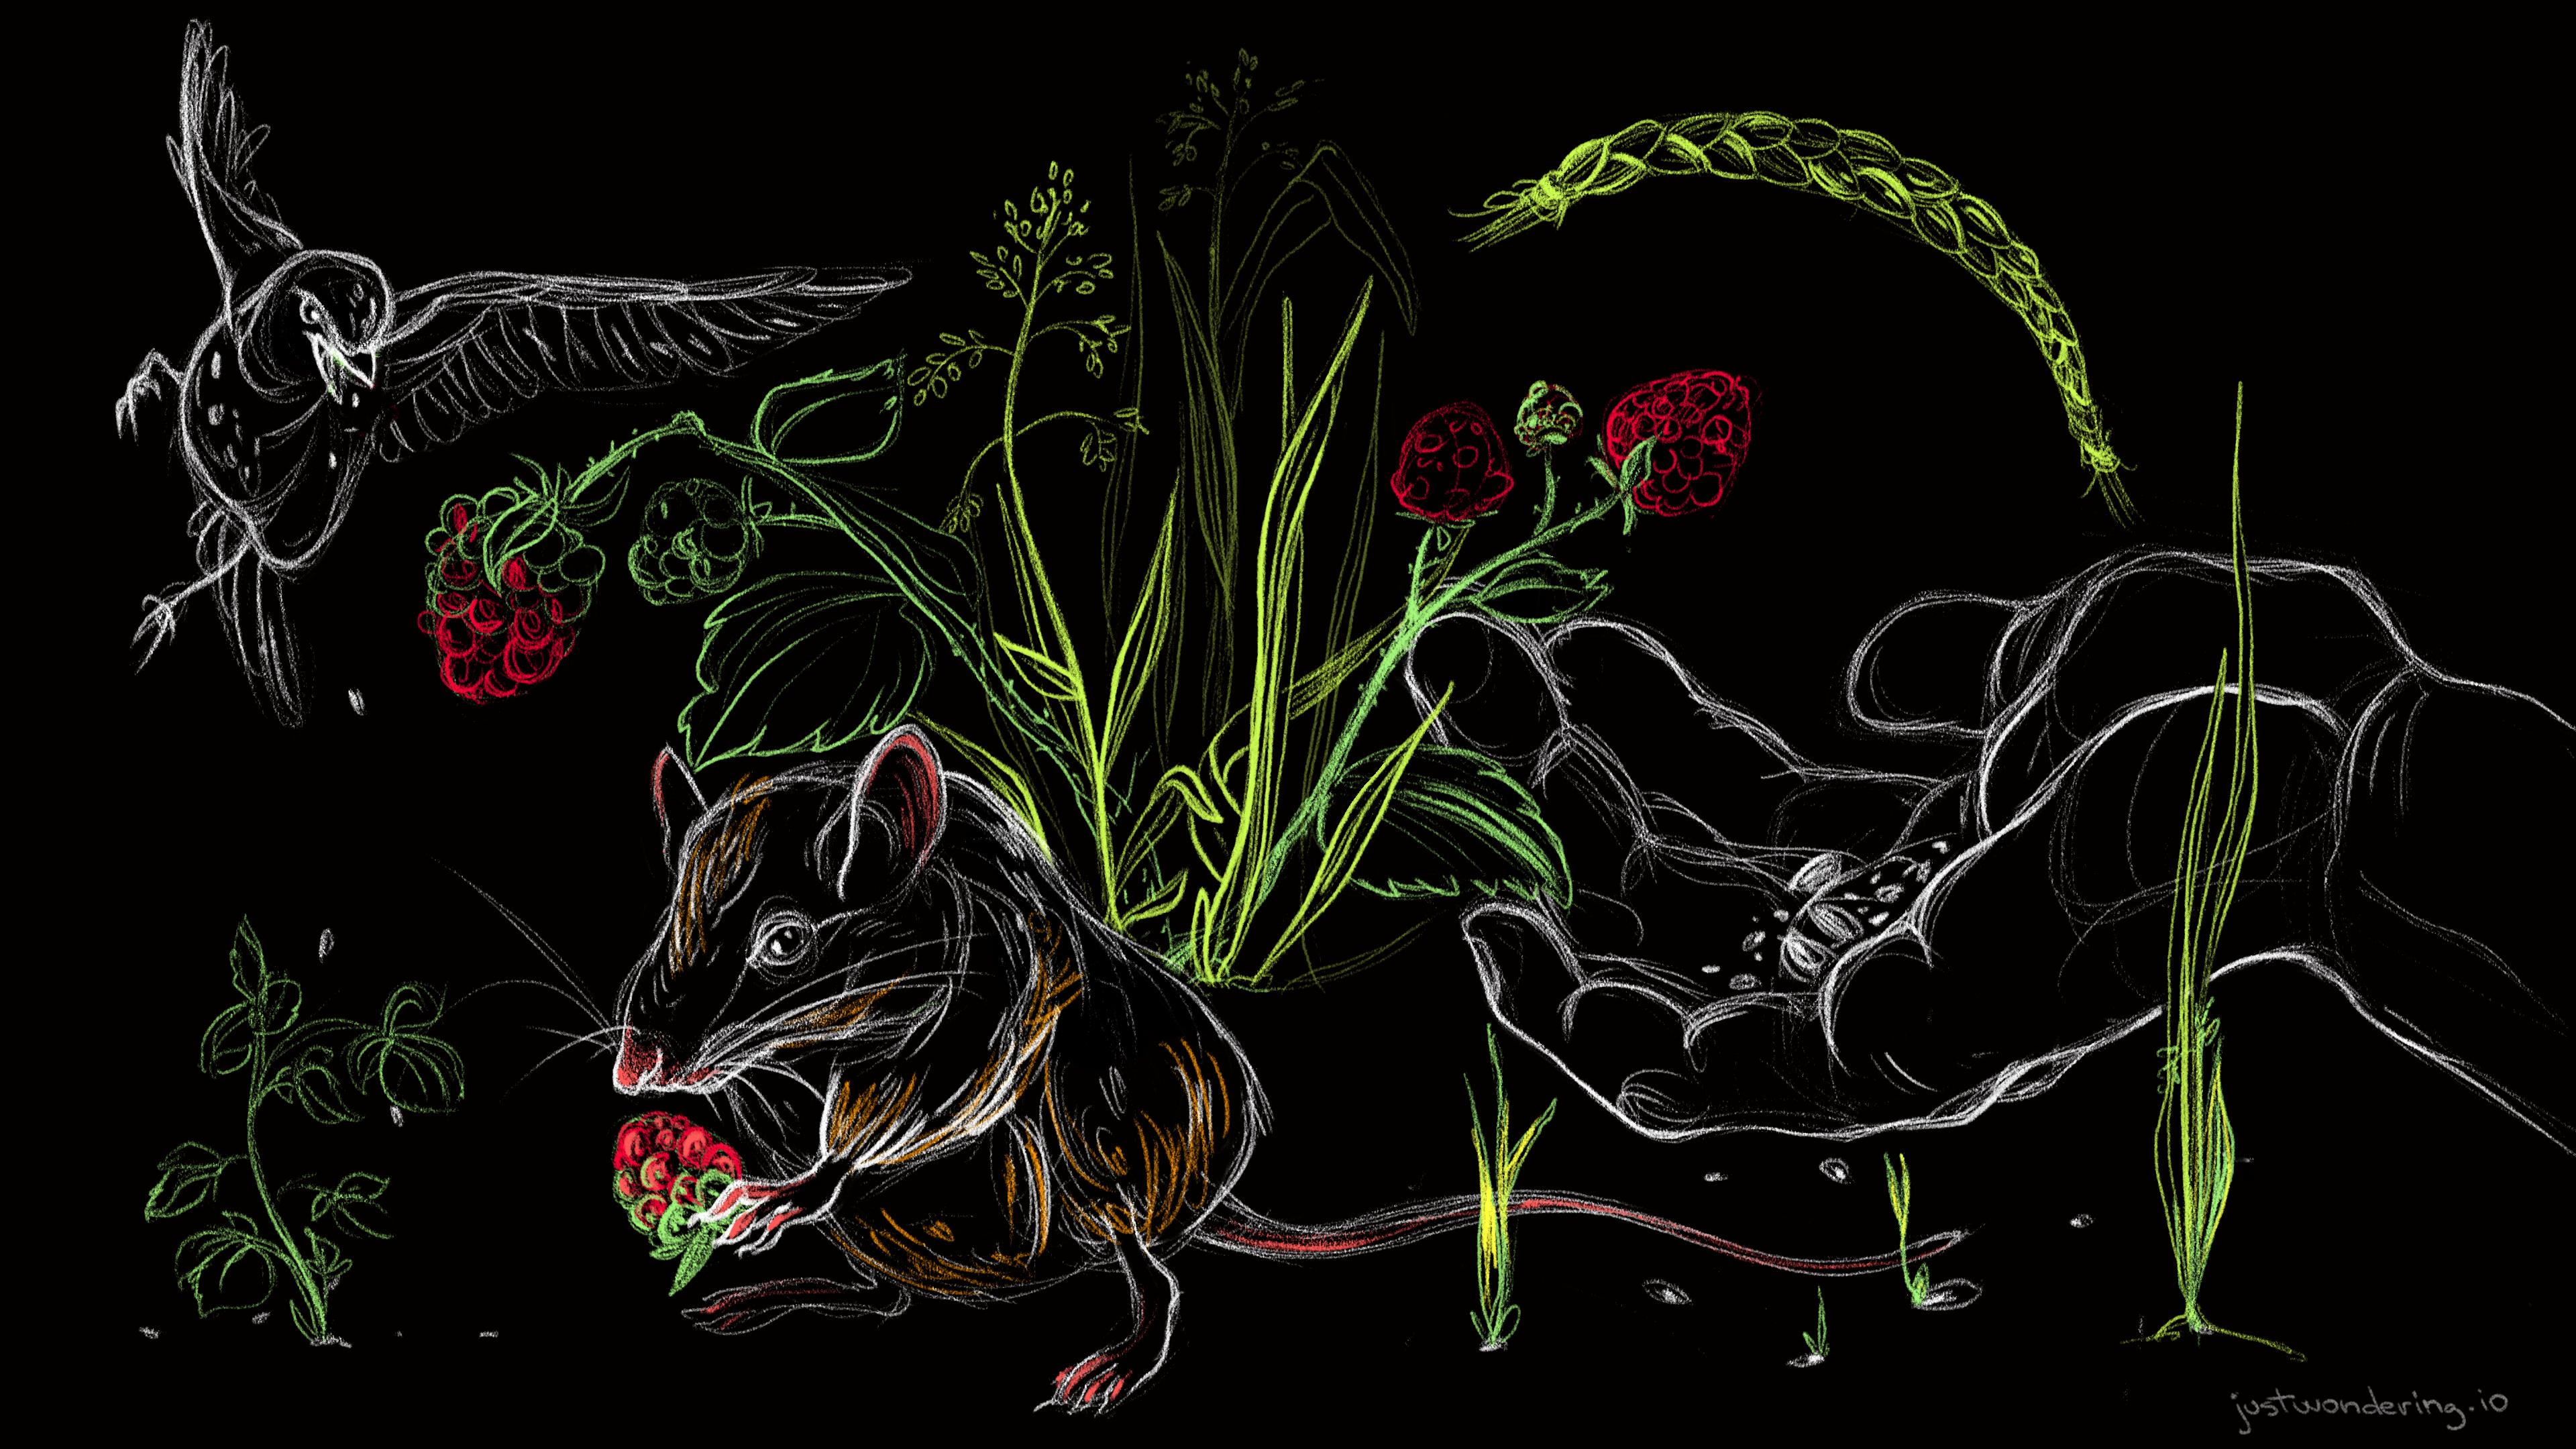 05-The Honourable Harvest - Robin Wall Kimmerer | just wondering